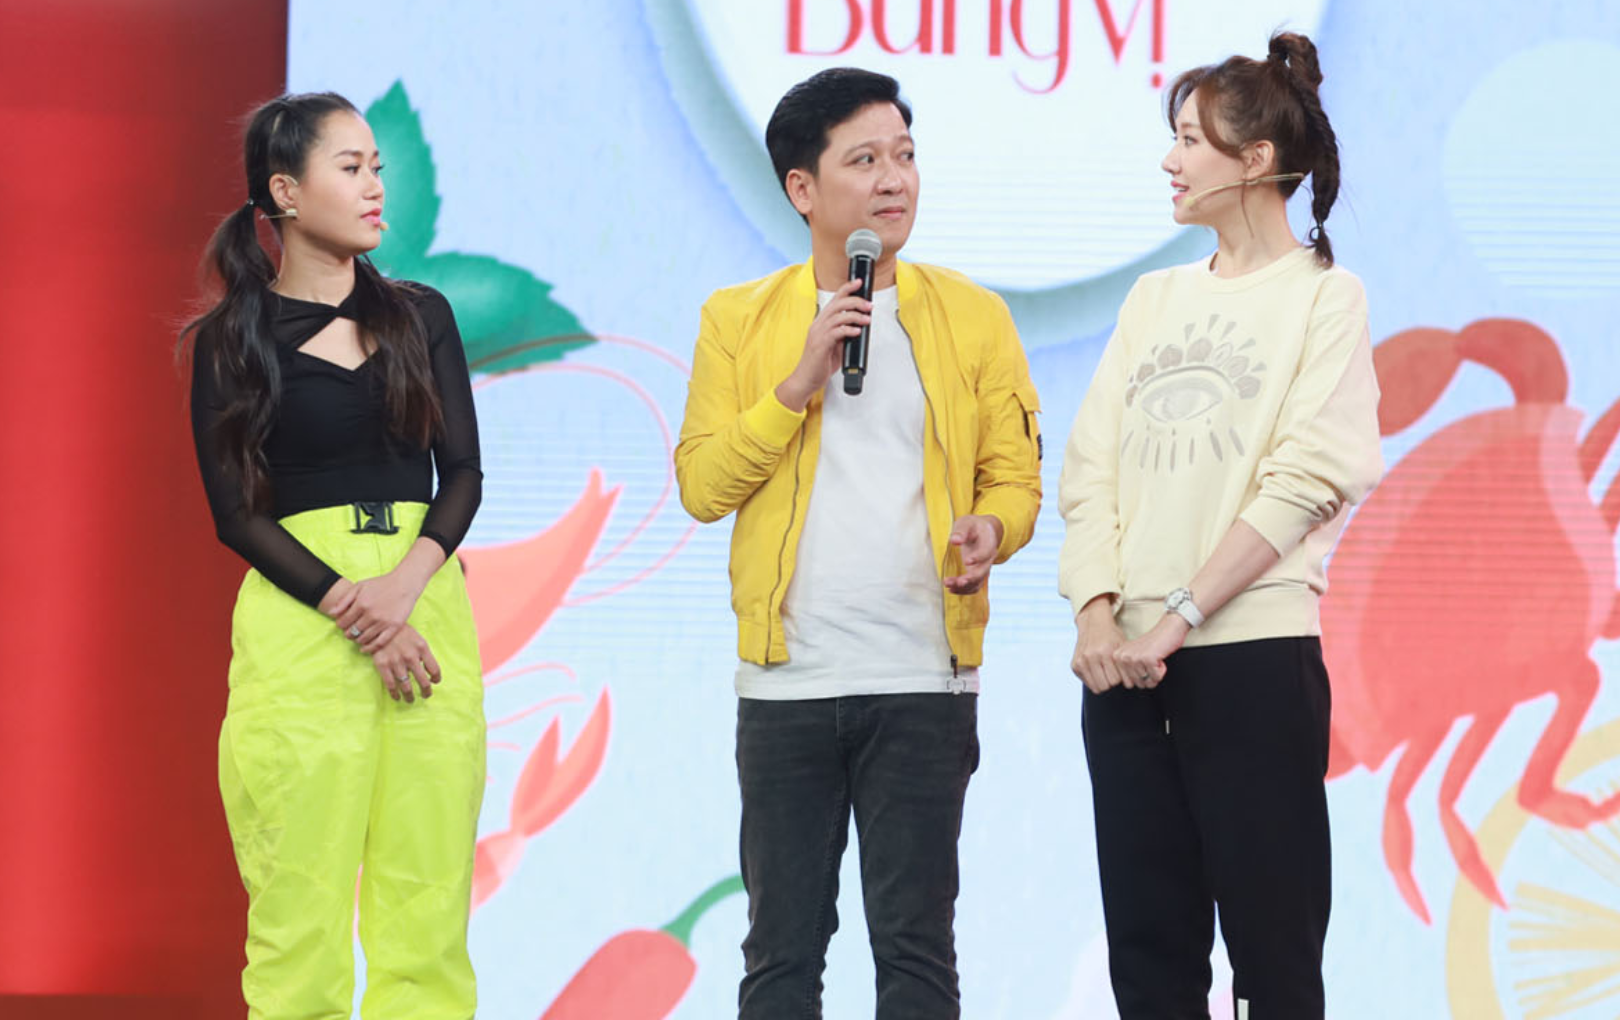 """Trường Giang cà khịa Hari Won: """"Ông trời cho Hari Won đẹp, hát hay nhưng đâu có cho rành tiếng Việt"""""""